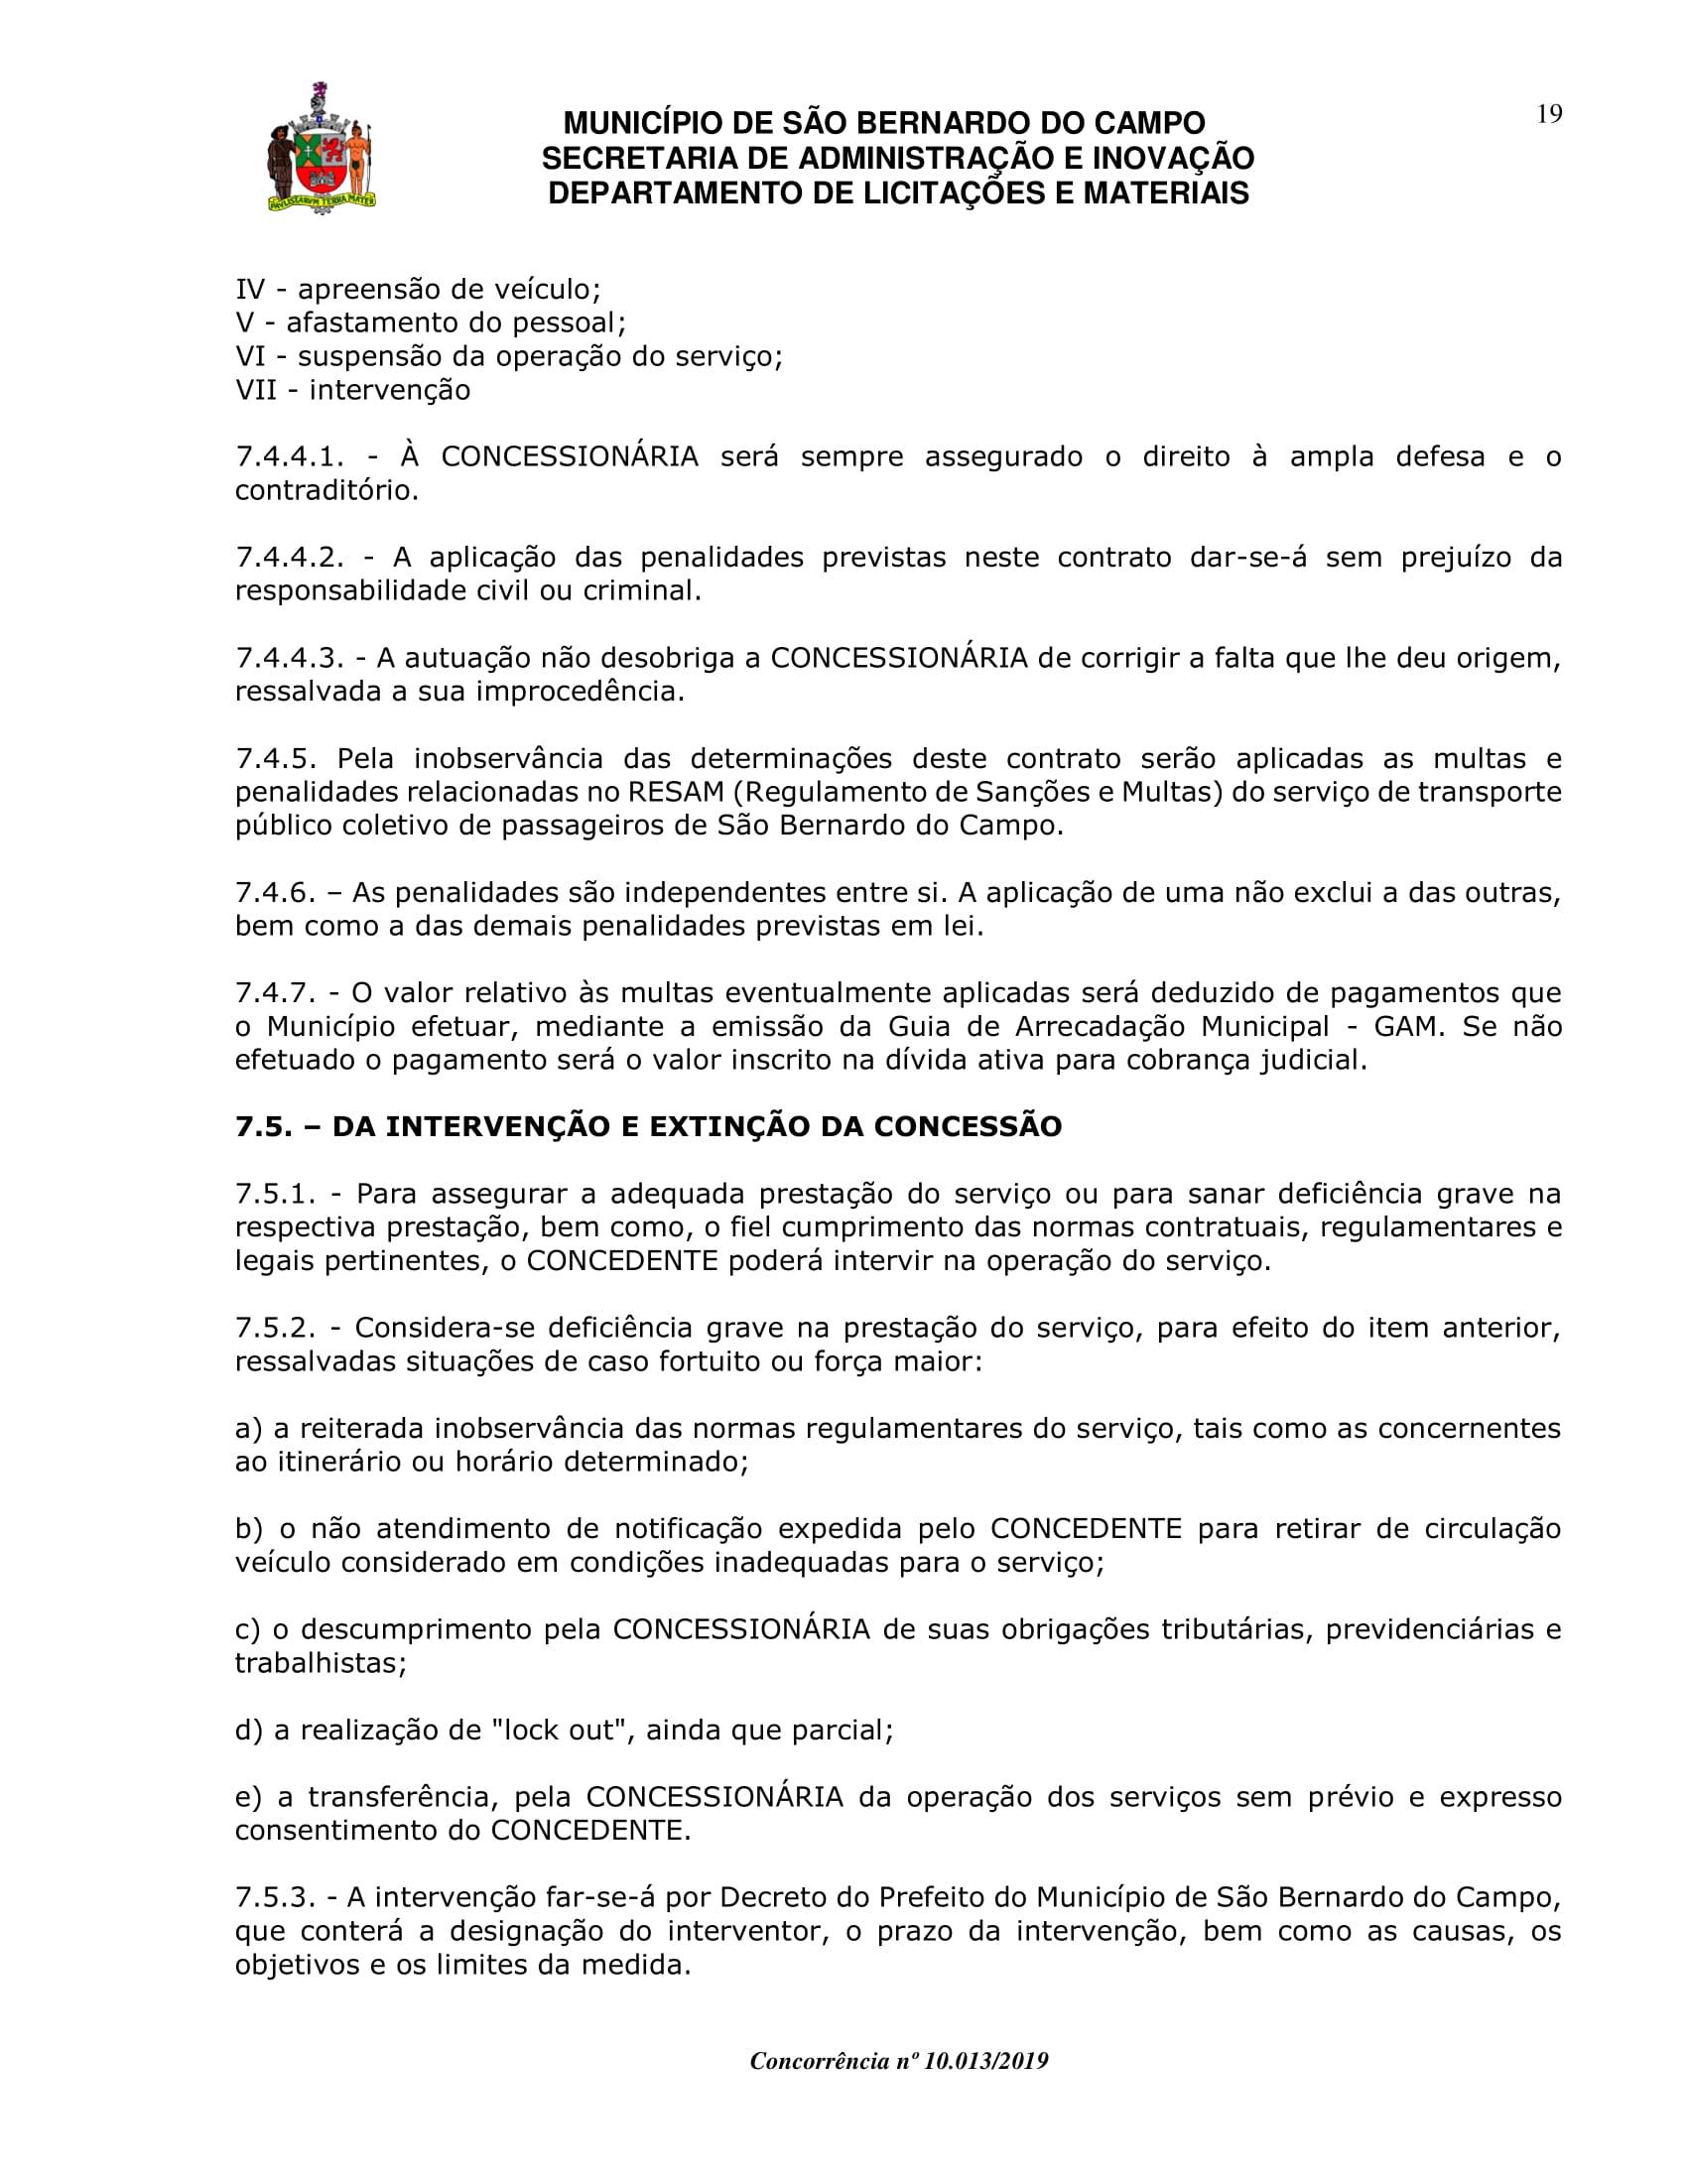 CP.10.013-19 edital-19